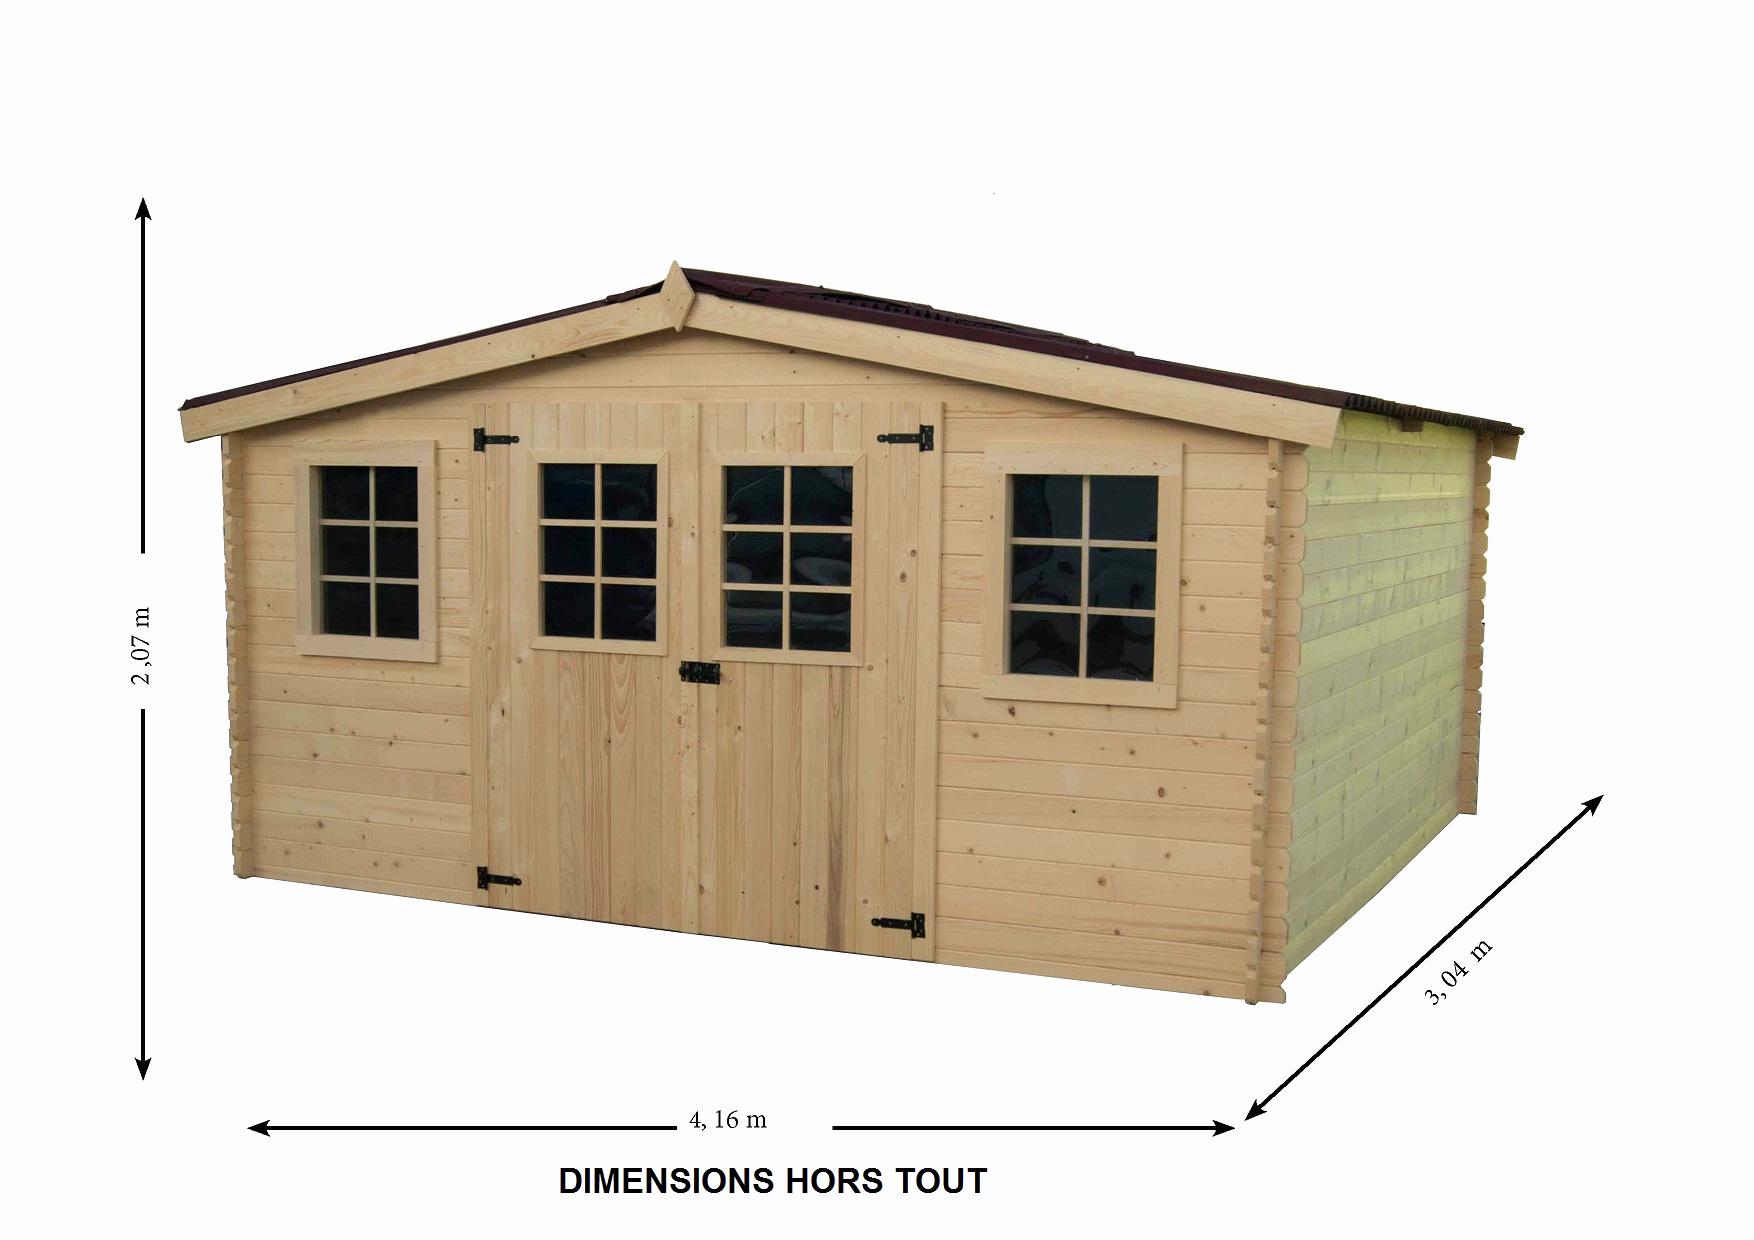 Nouveau Cabane De Jardin 10M2 - Luckytroll tout Abri Jardin 12M2